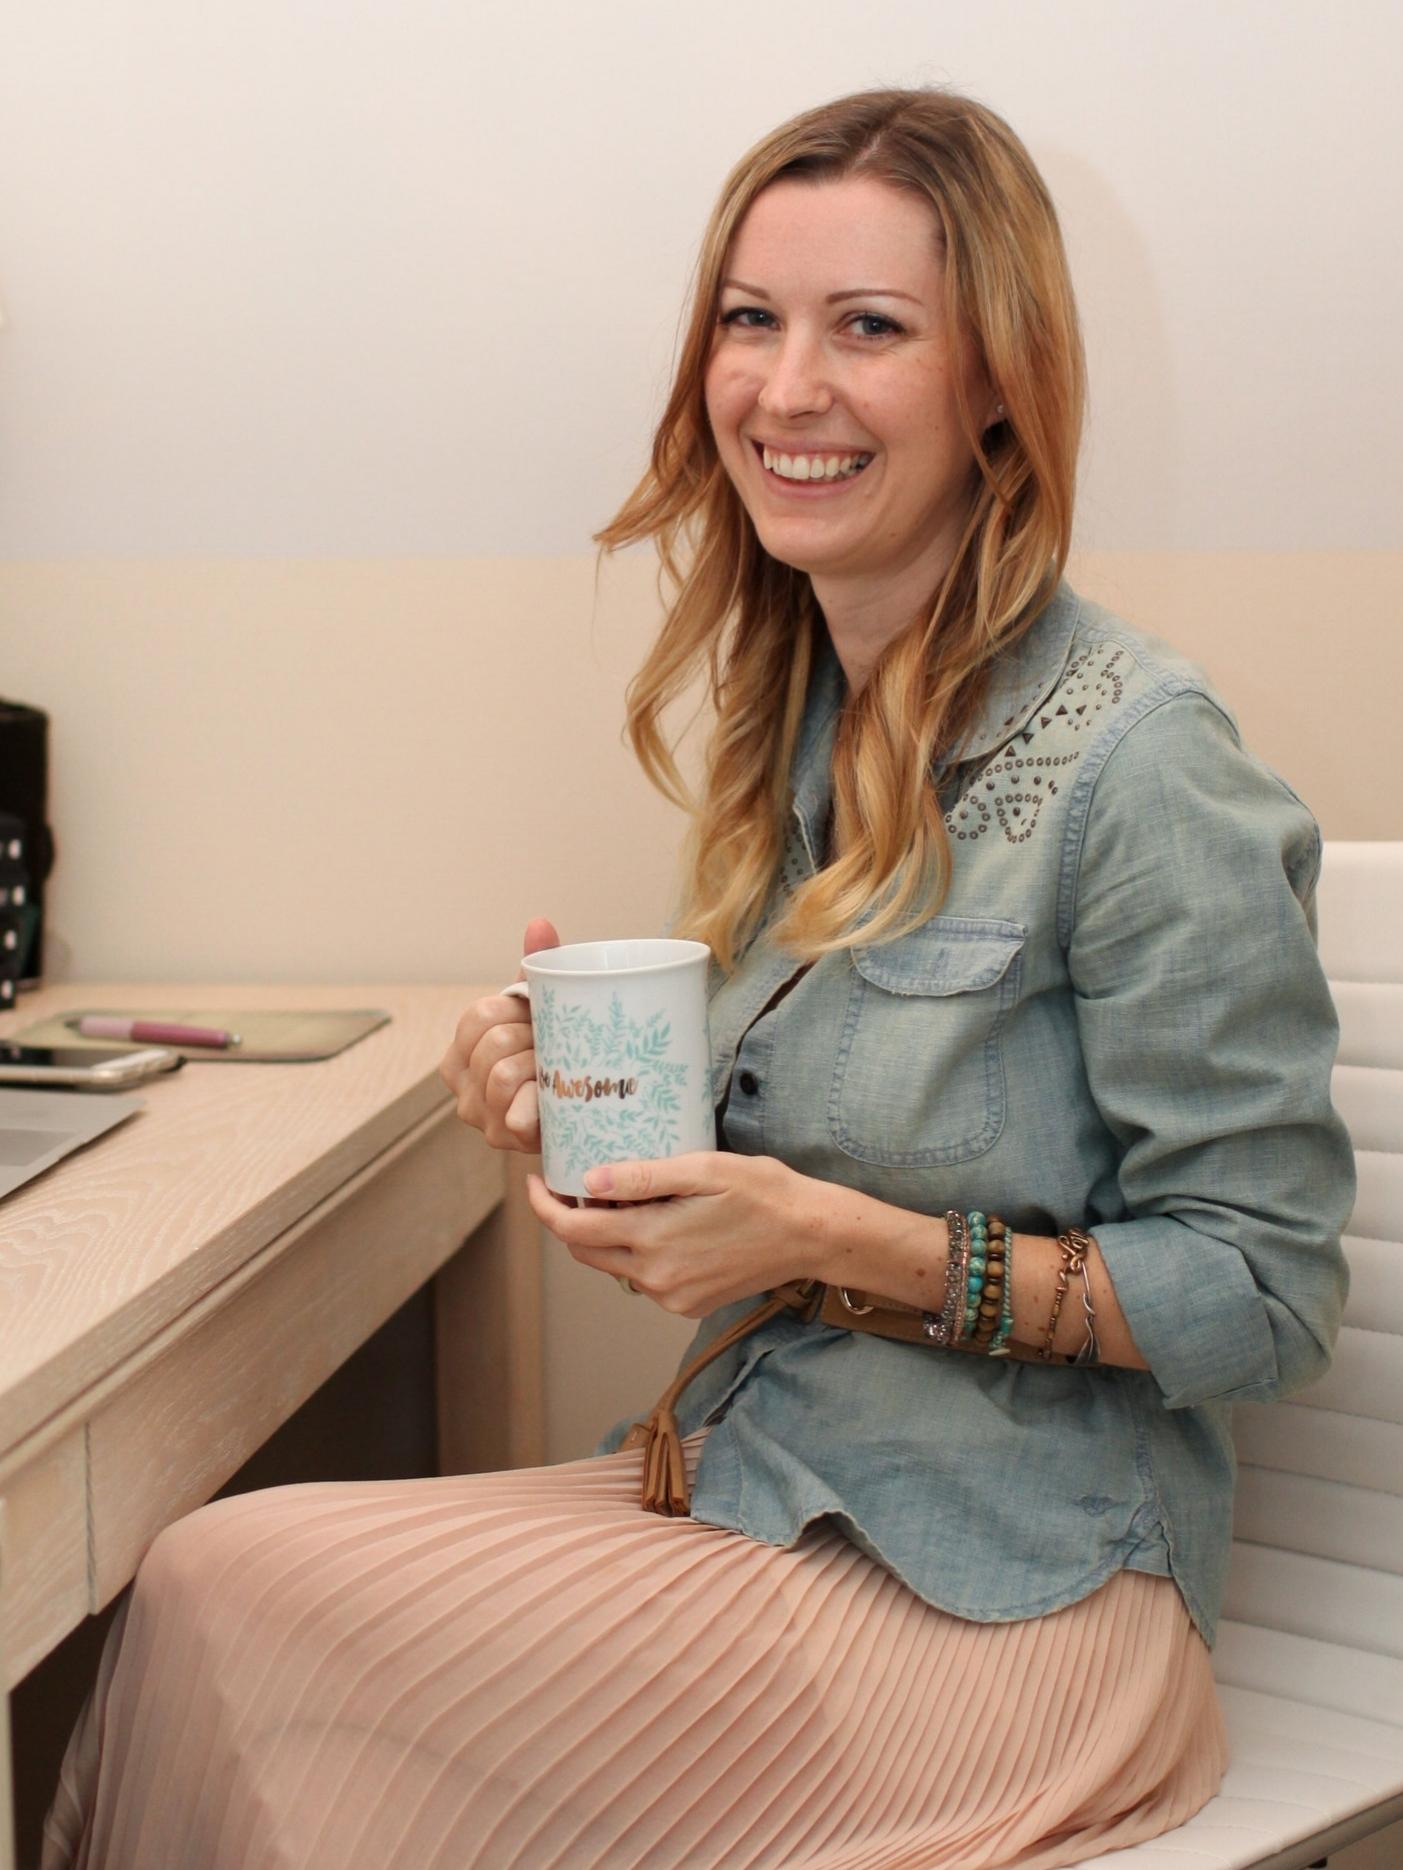 Christina, Dwell Contributor